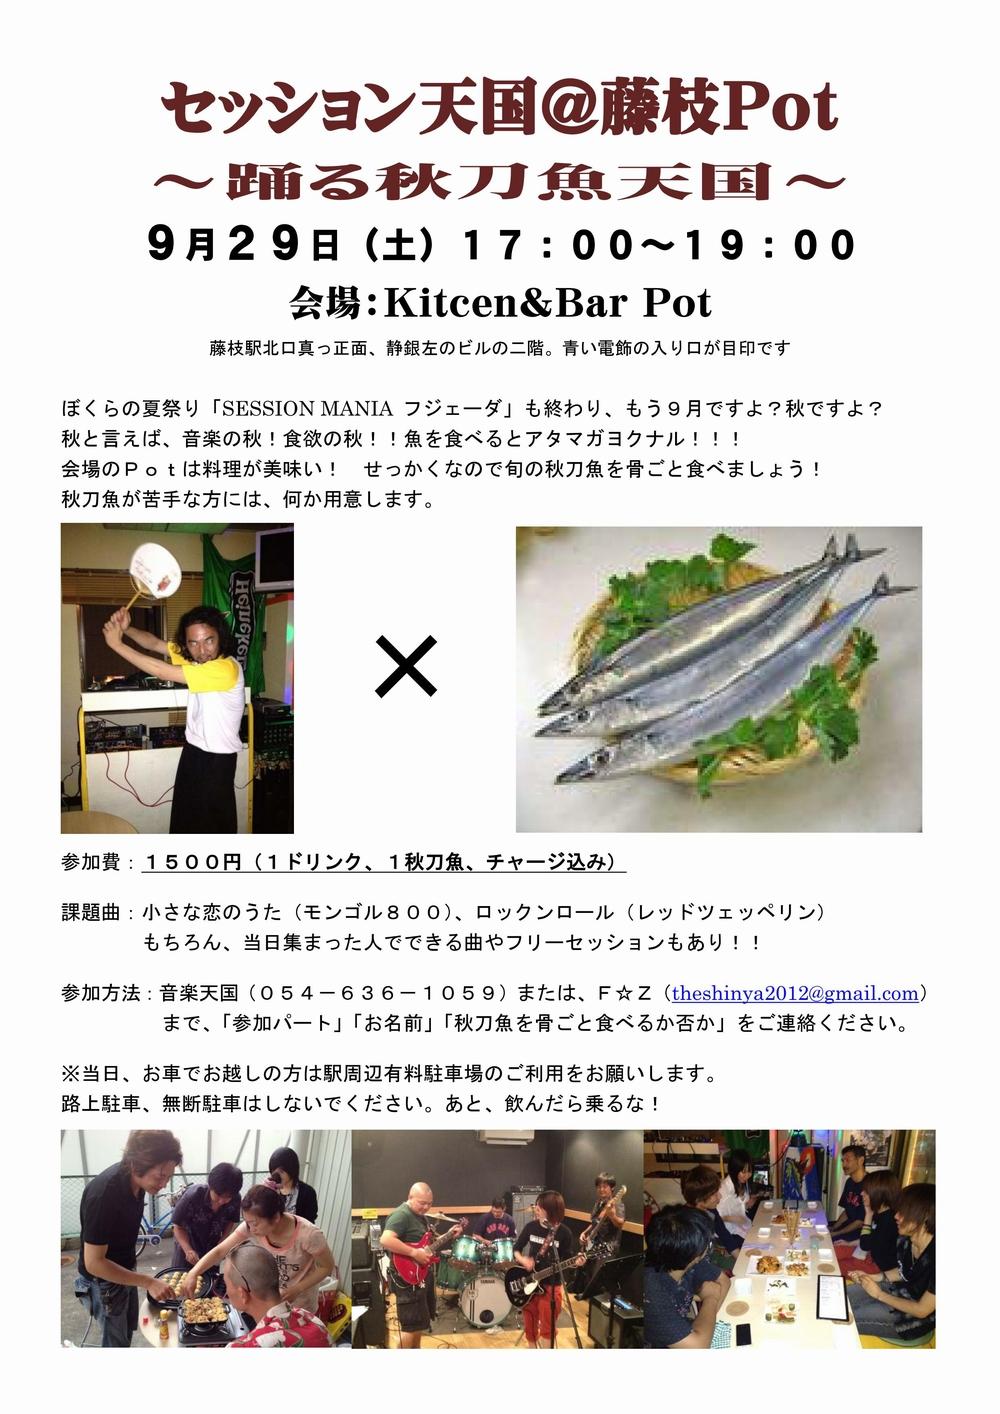 セッション天国@藤枝Pot 9月29日(土)開催!